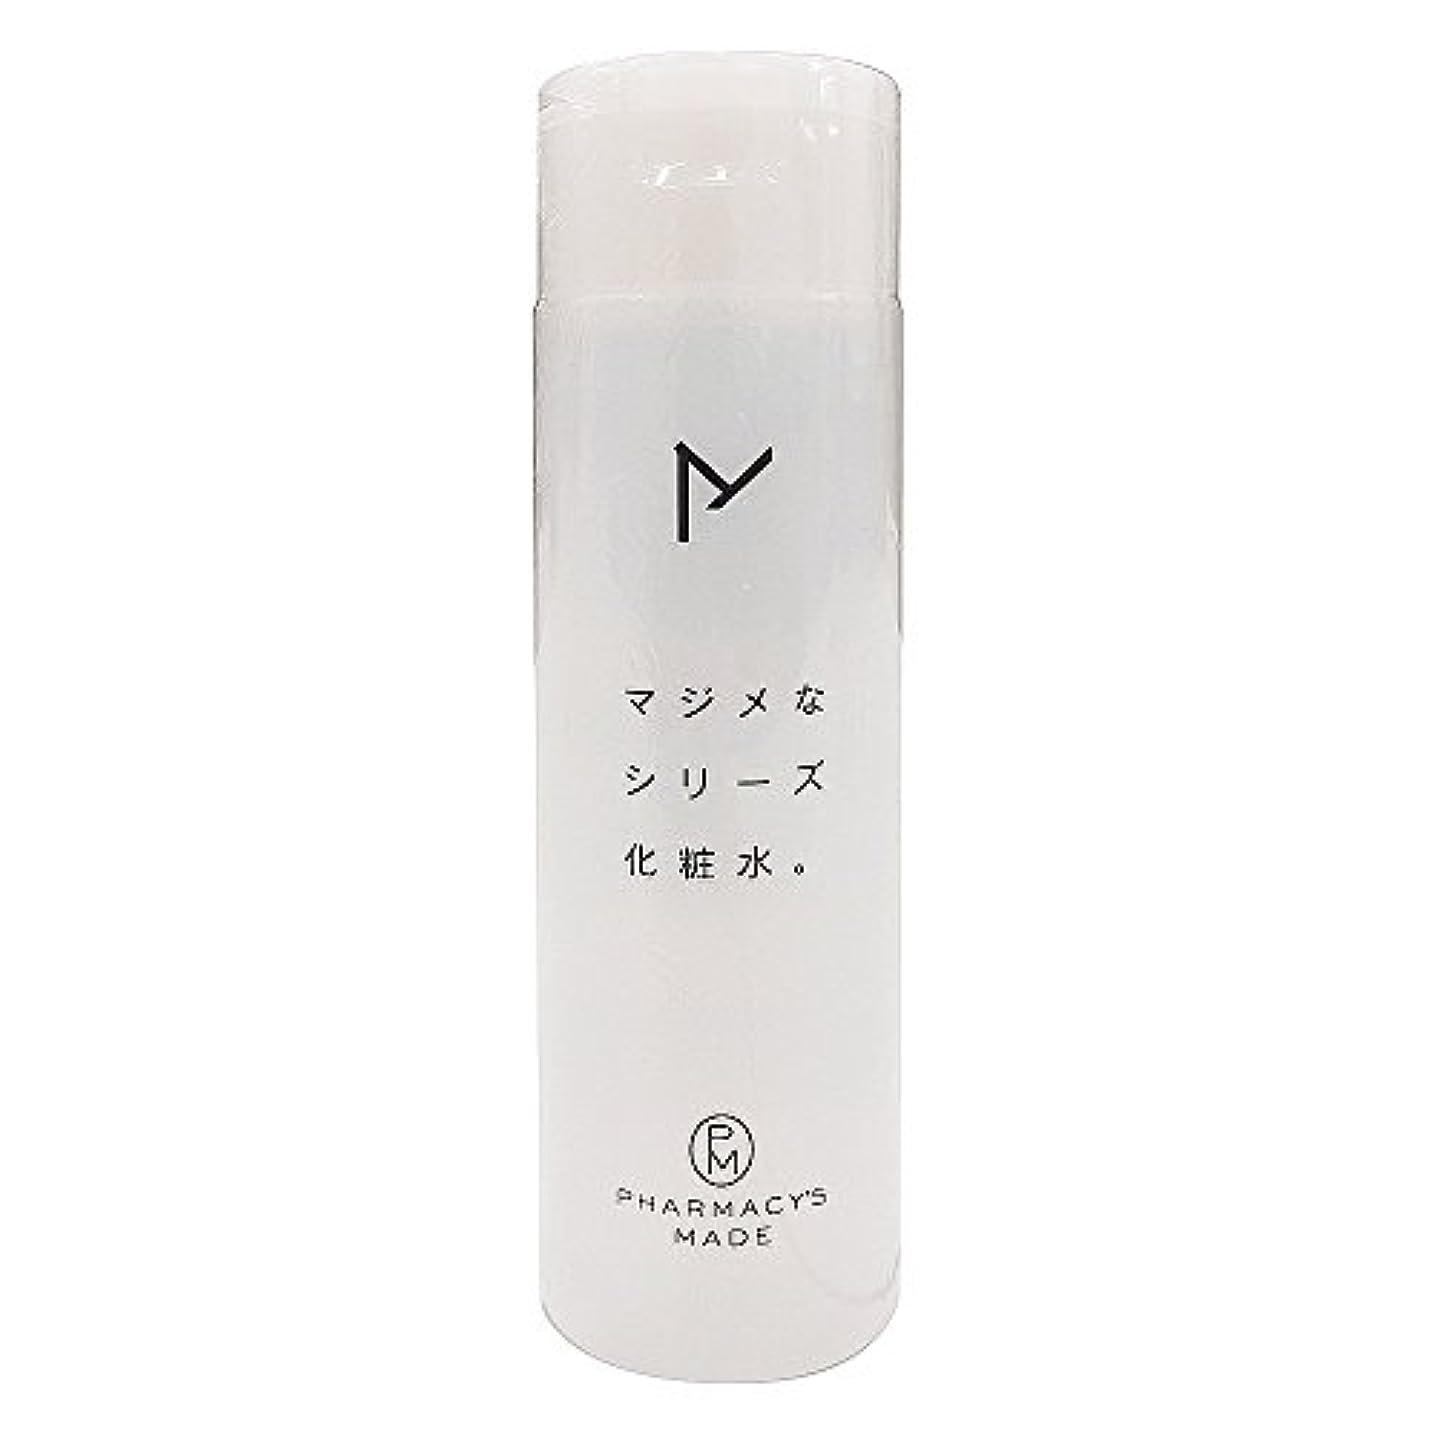 みすぼらしい欠陥便利水橋保寿堂製薬 マジメなシリーズ化粧水。 200ml